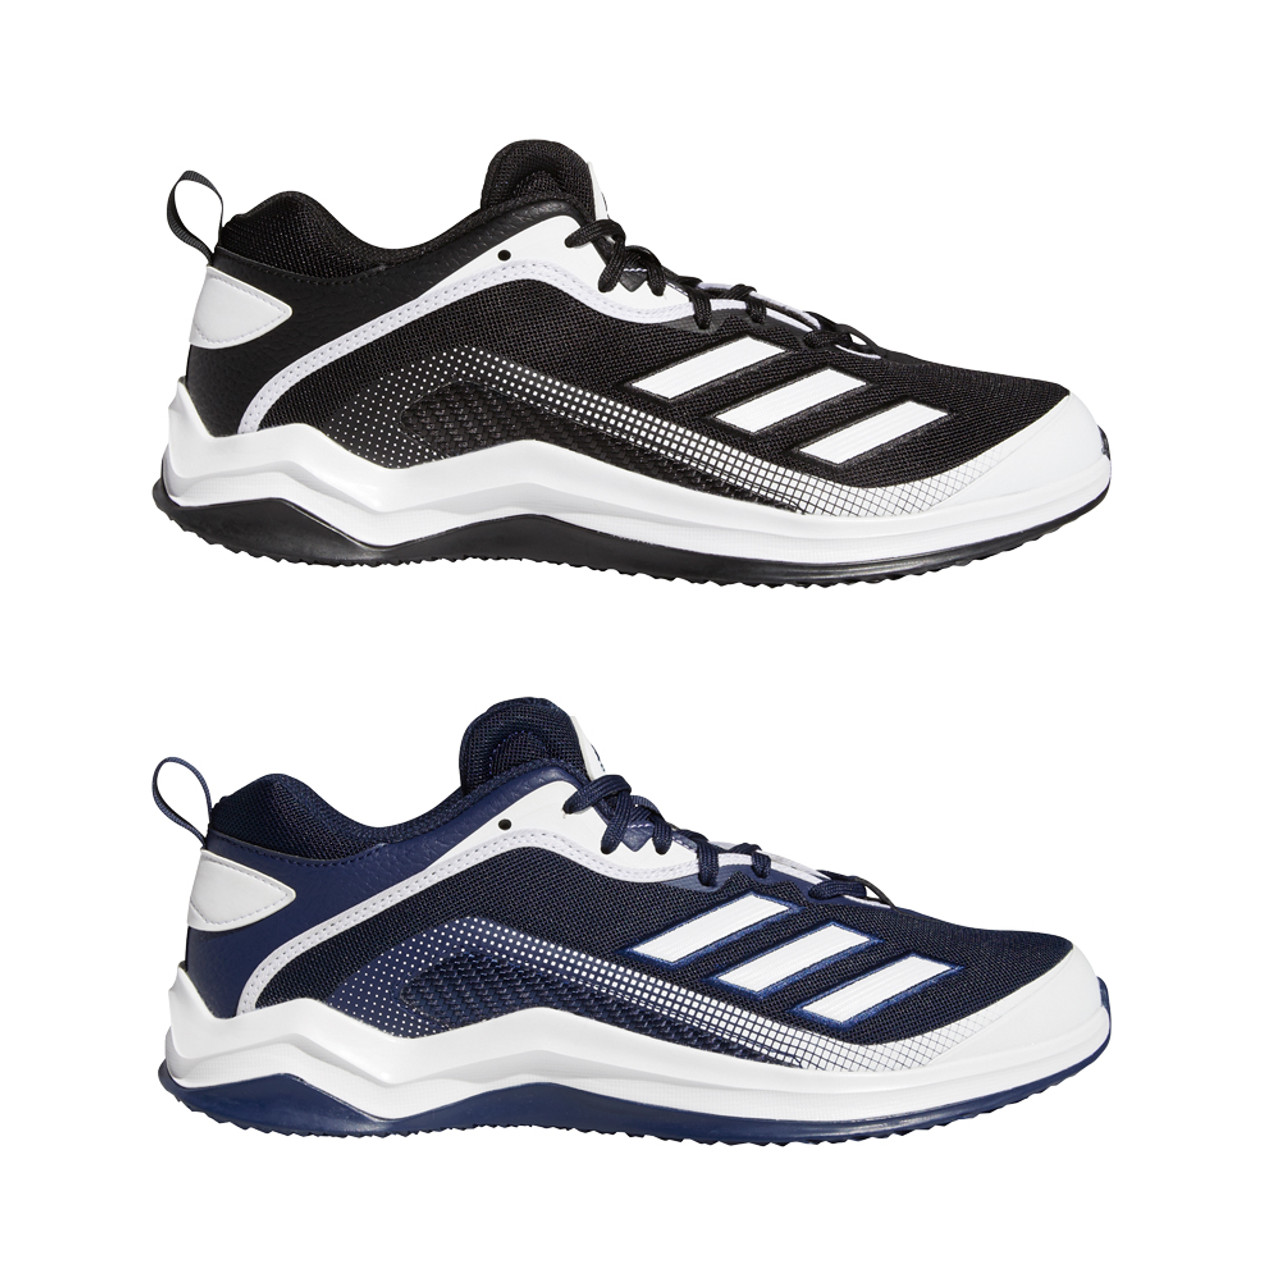 Adidas Baseball Turf Shoes Icon 6 Men's Turf Trainers - ICON VI